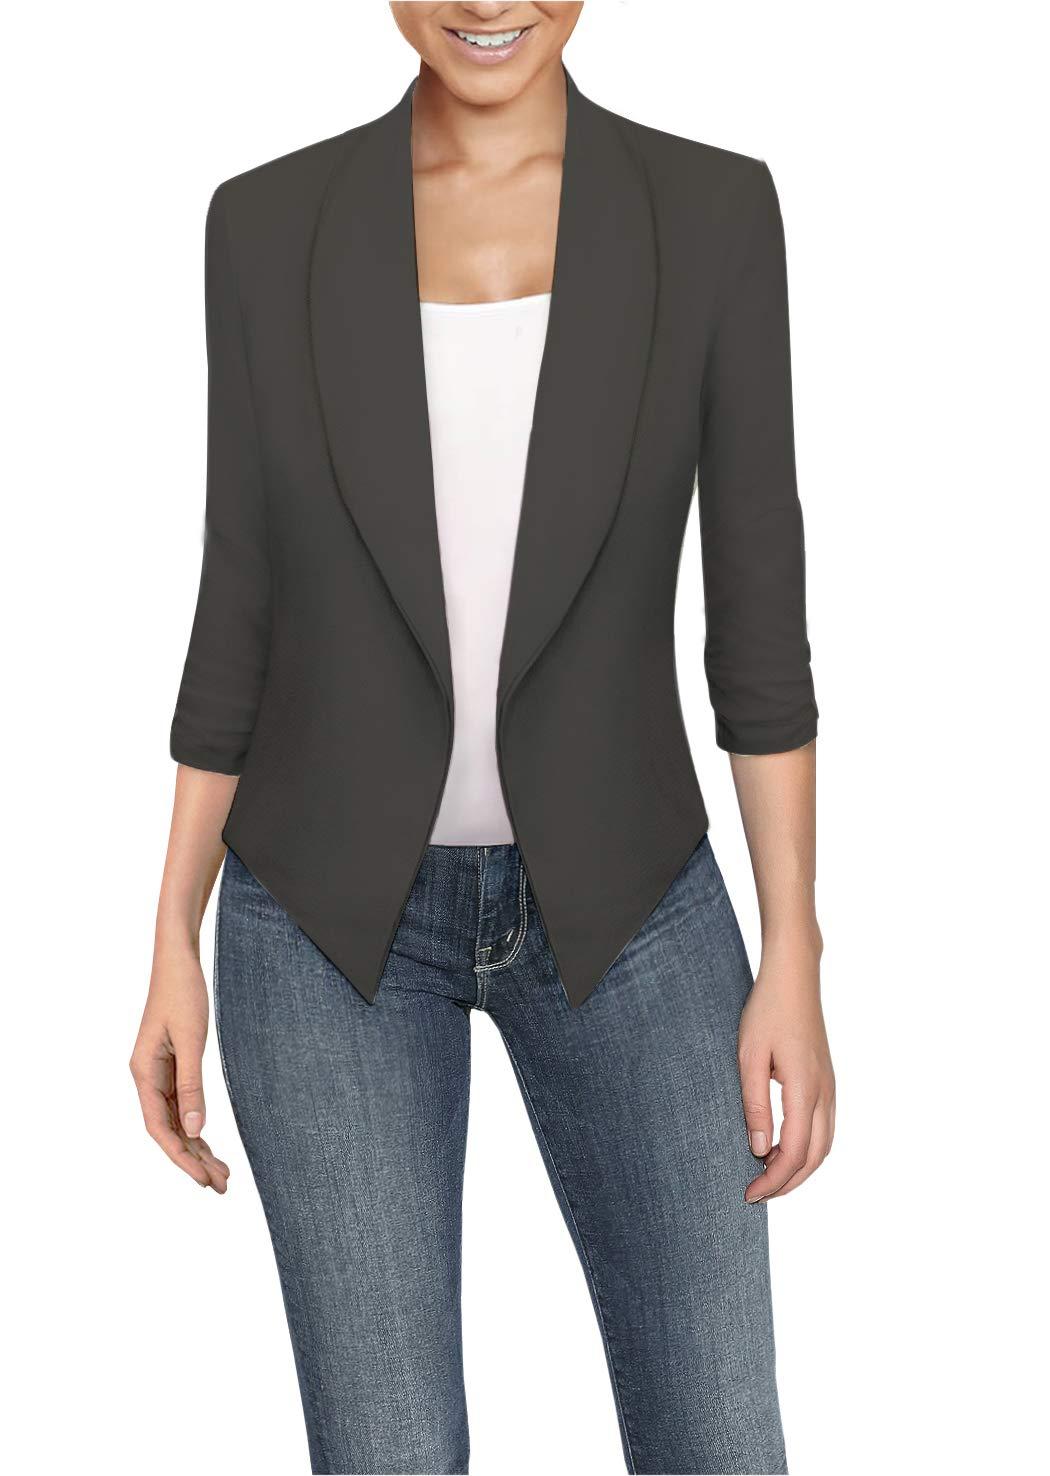 HyBrid & Company Womens High Low Office Open Front Blazer JK1133X E3400 Slate 3X